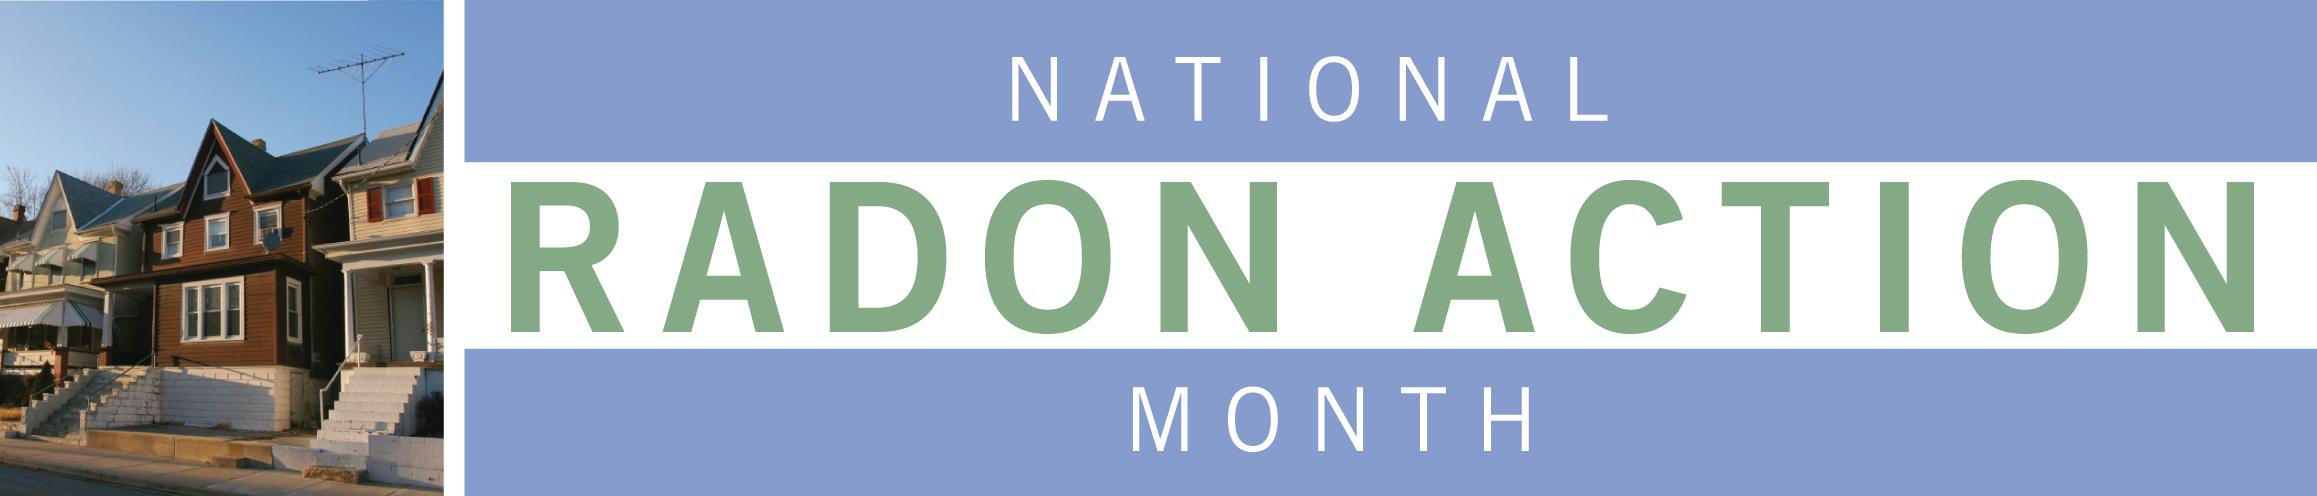 national radon action month event planning kit radon. Black Bedroom Furniture Sets. Home Design Ideas